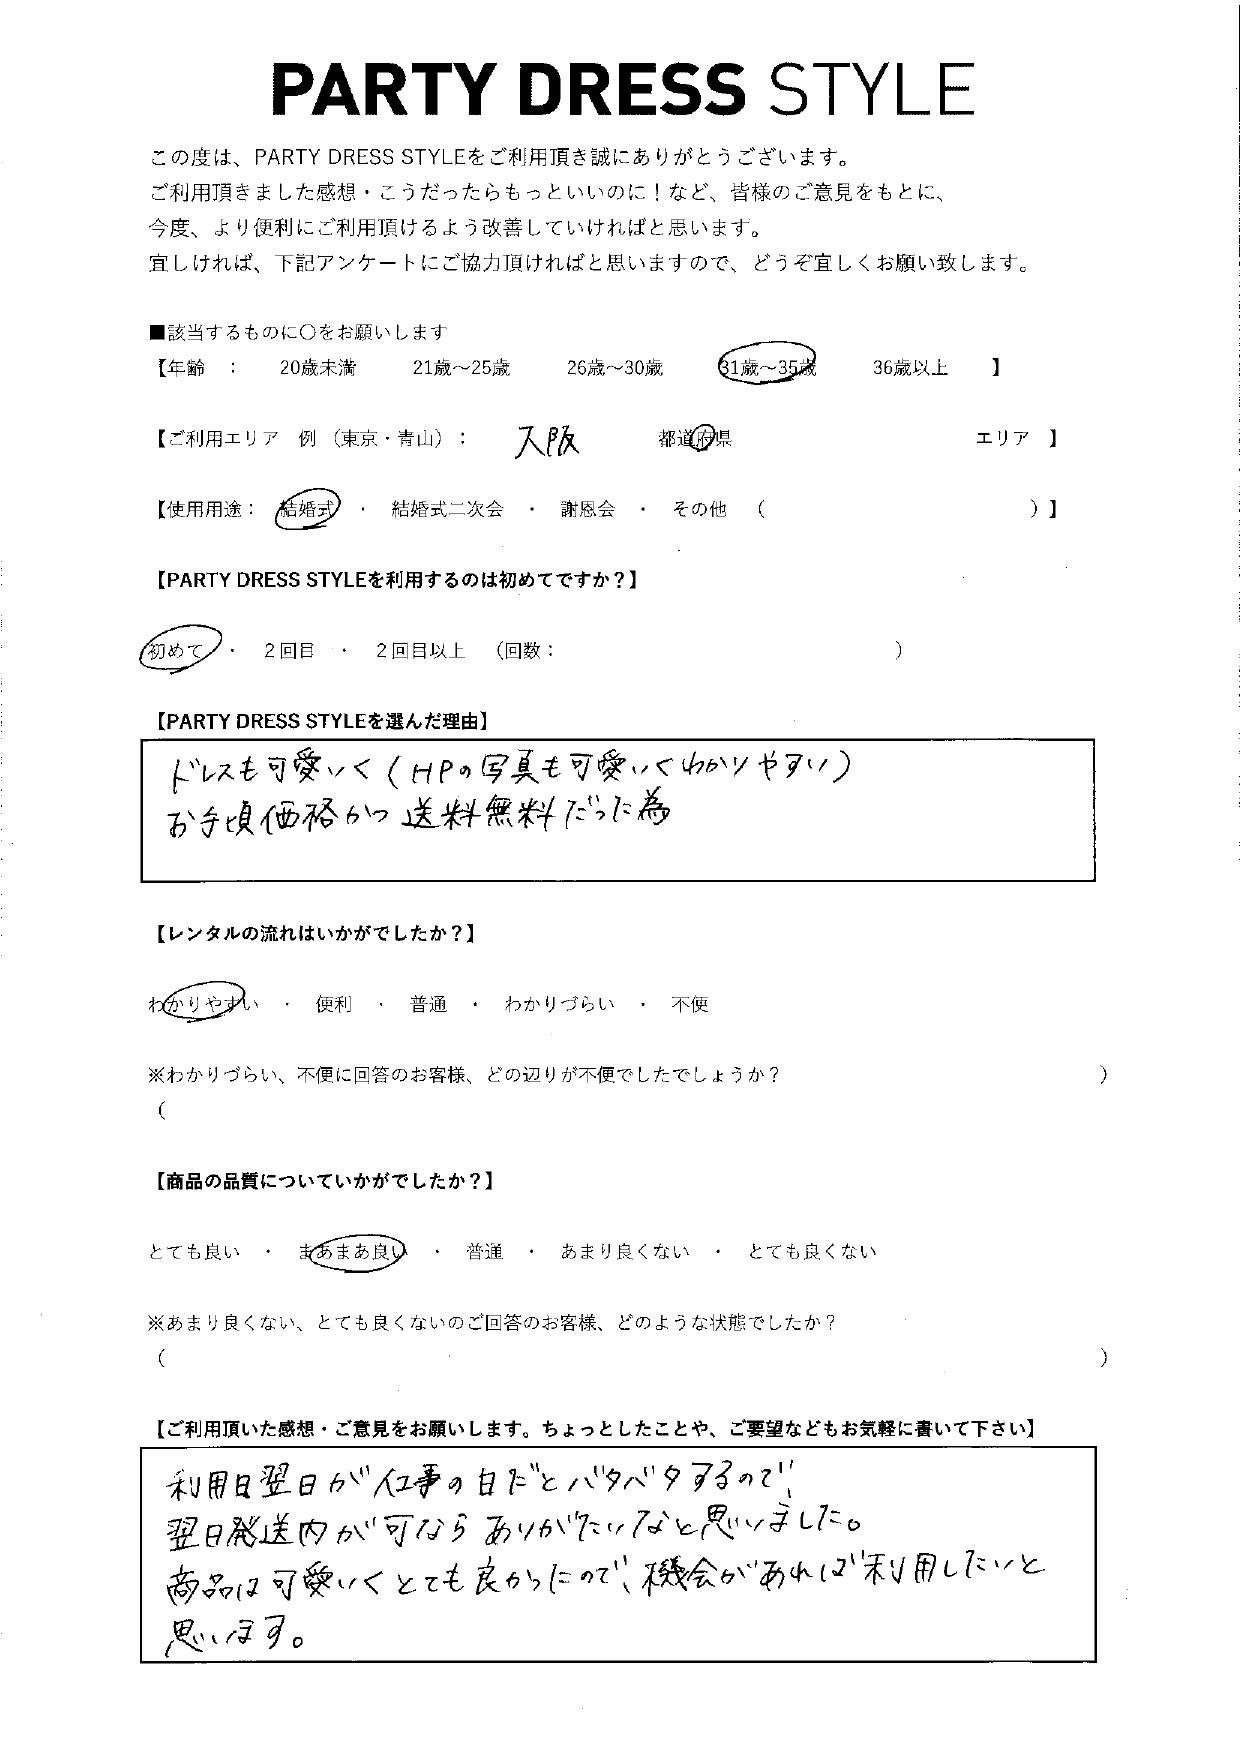 11/29結婚式ご利用 大阪エリア